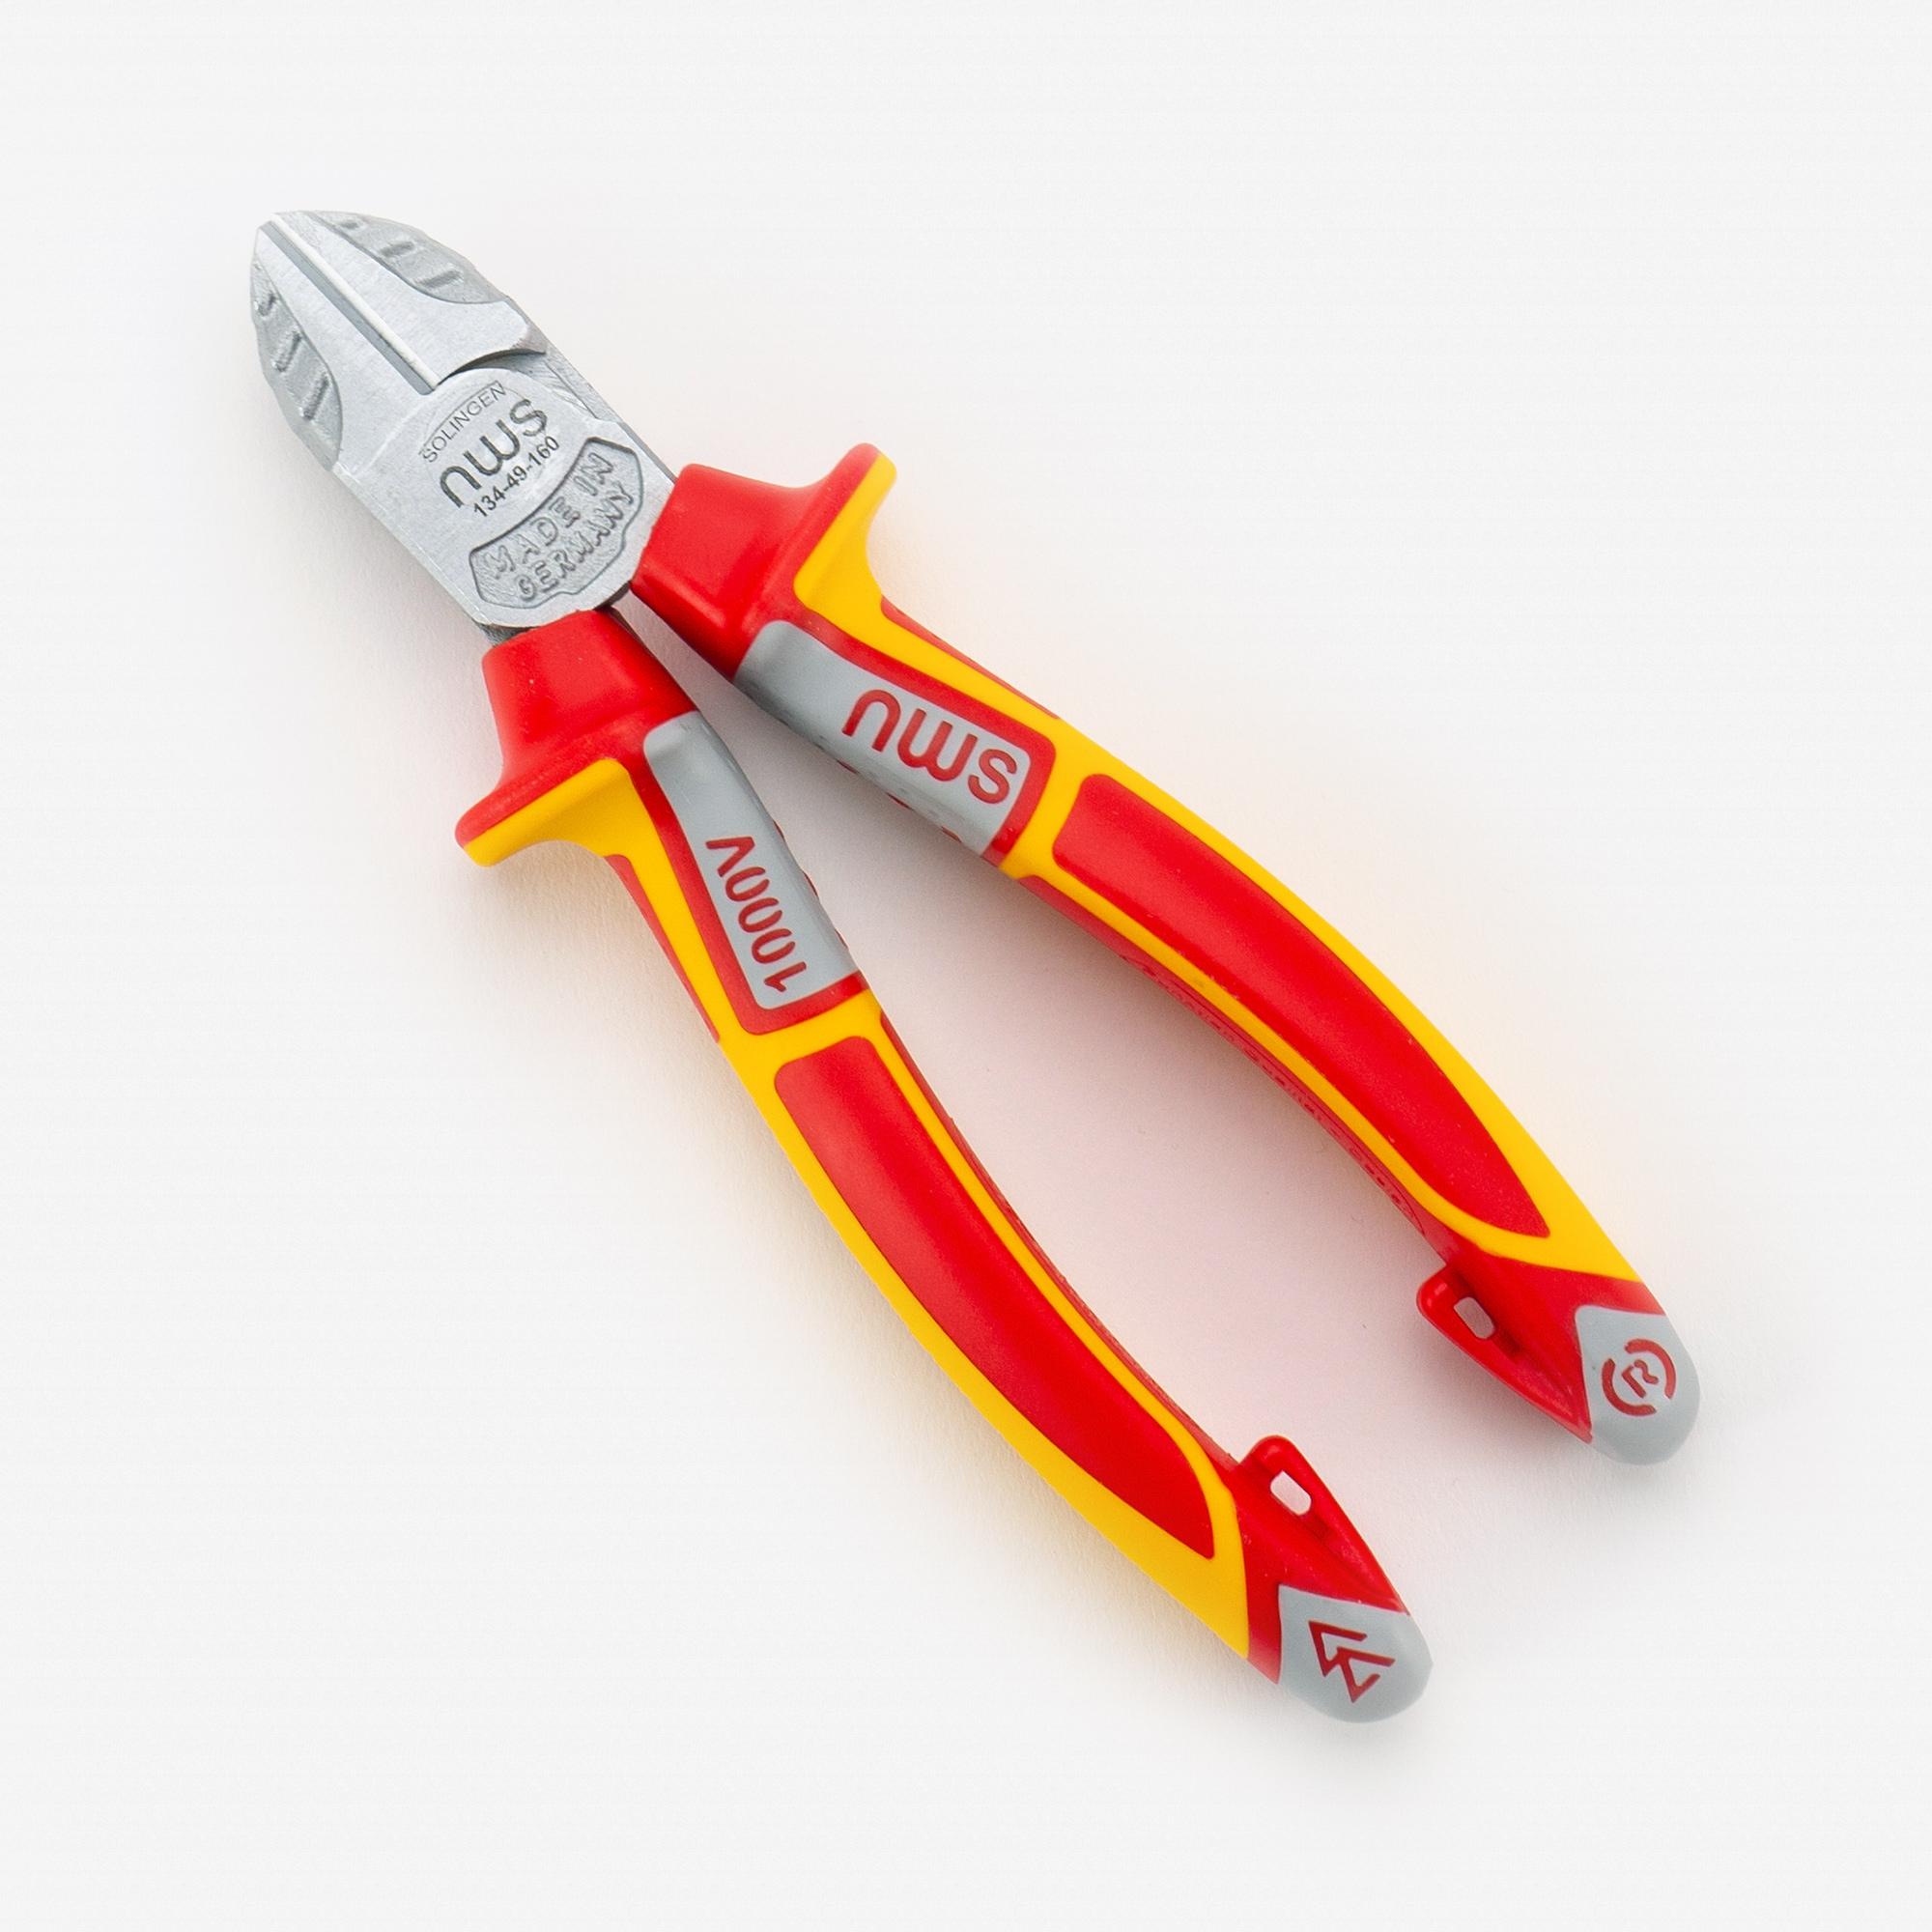 """NWS 134-49-VDE-160 6.25"""" Side Cutter VDE - Matte Chromium - SoftGripp - KC Tool"""